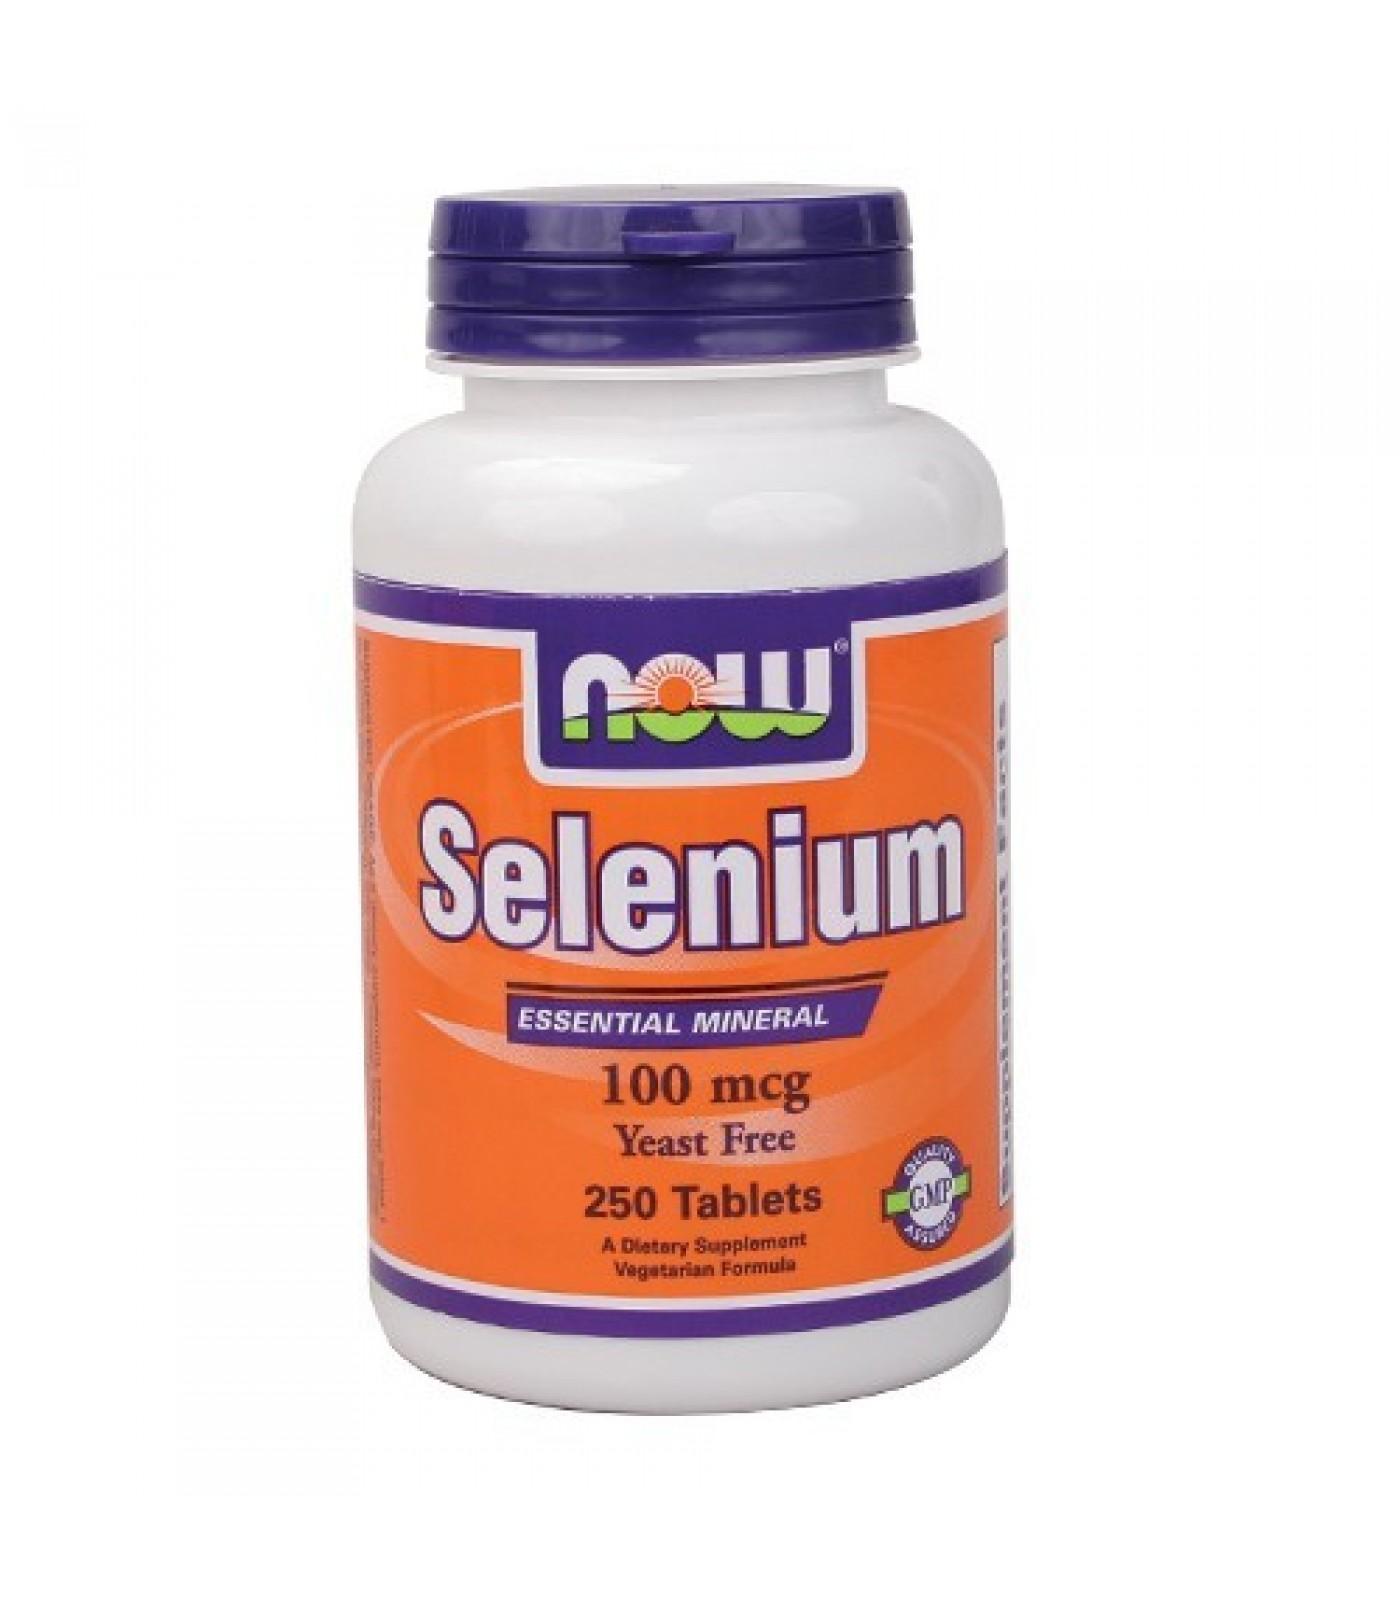 NOW - Selenium (Yeast Free) 100mcg. / 250 Tabs.